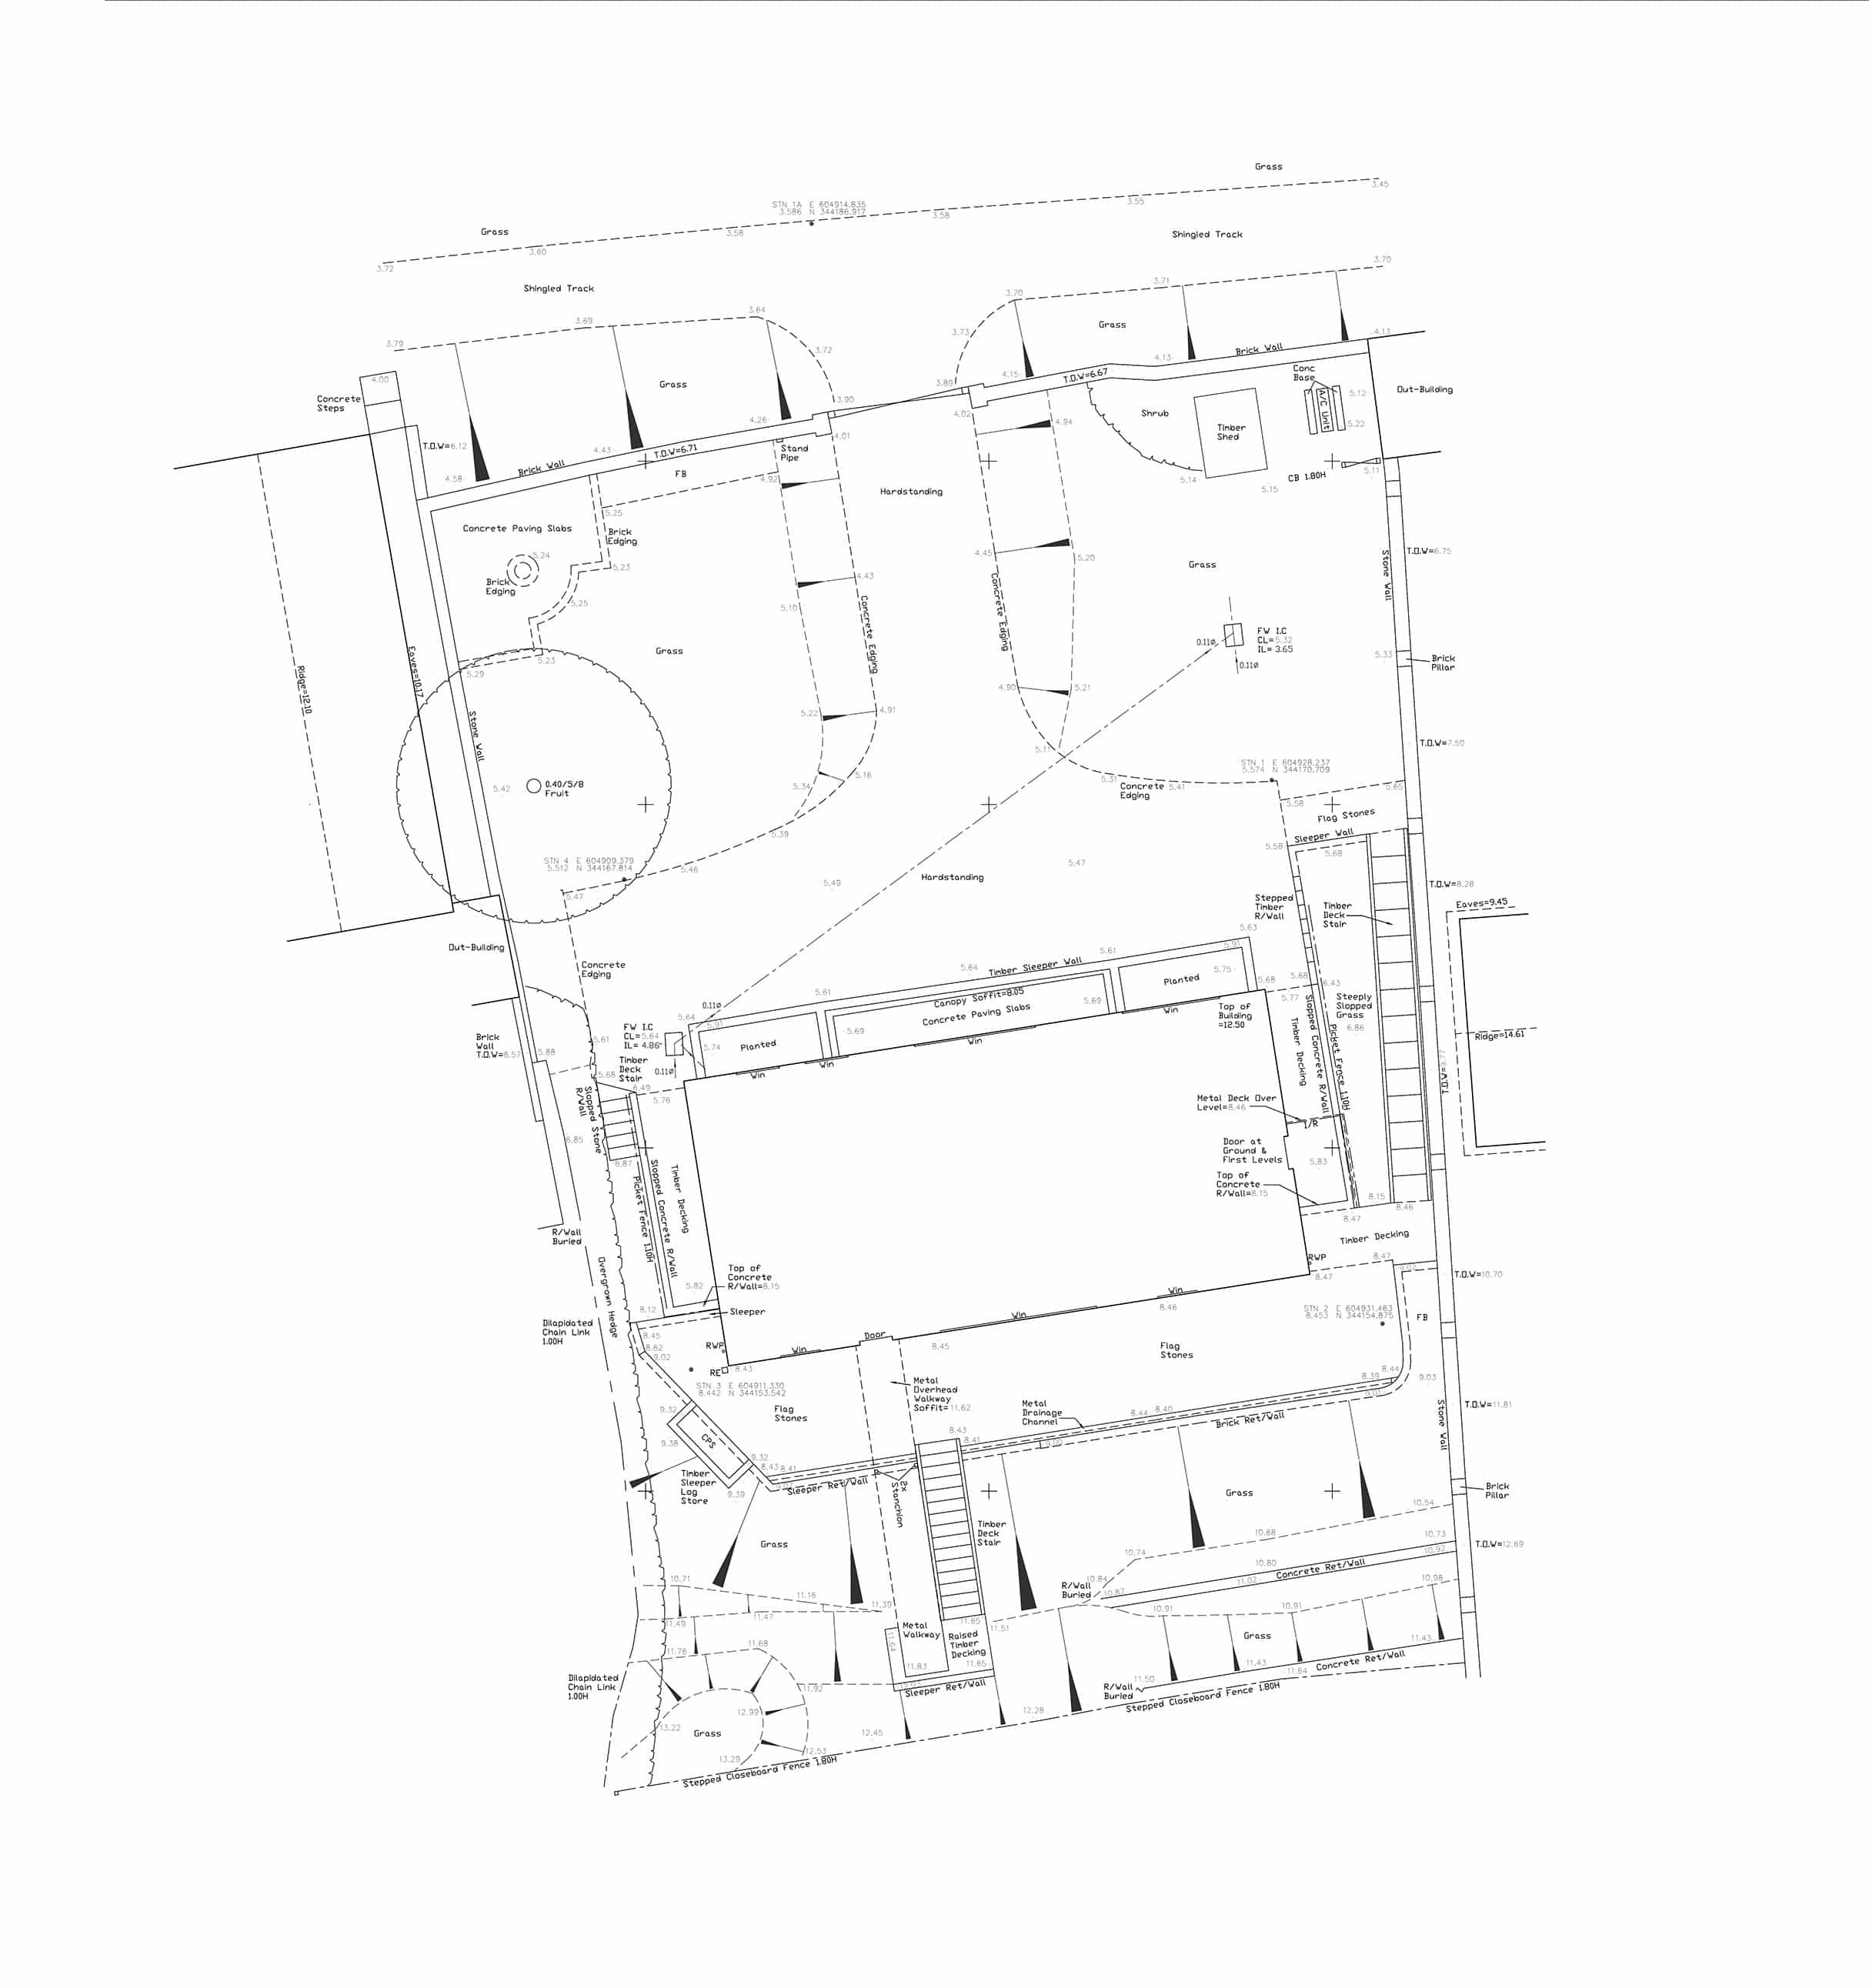 Planview